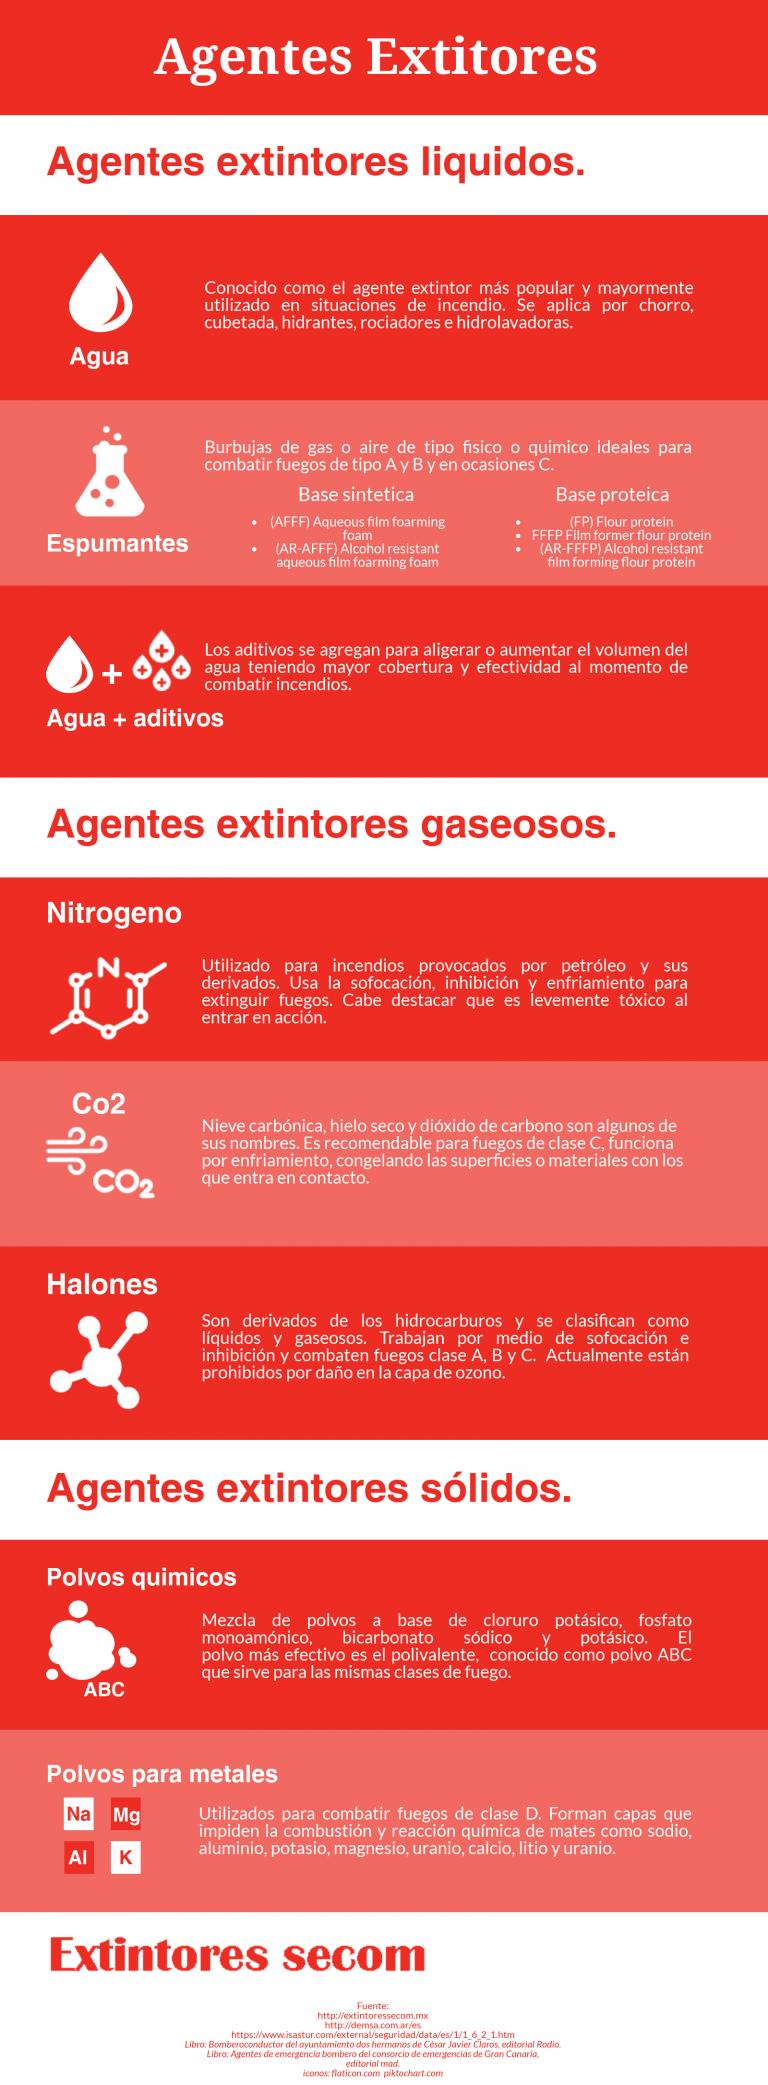 Agentes extintores - infografia